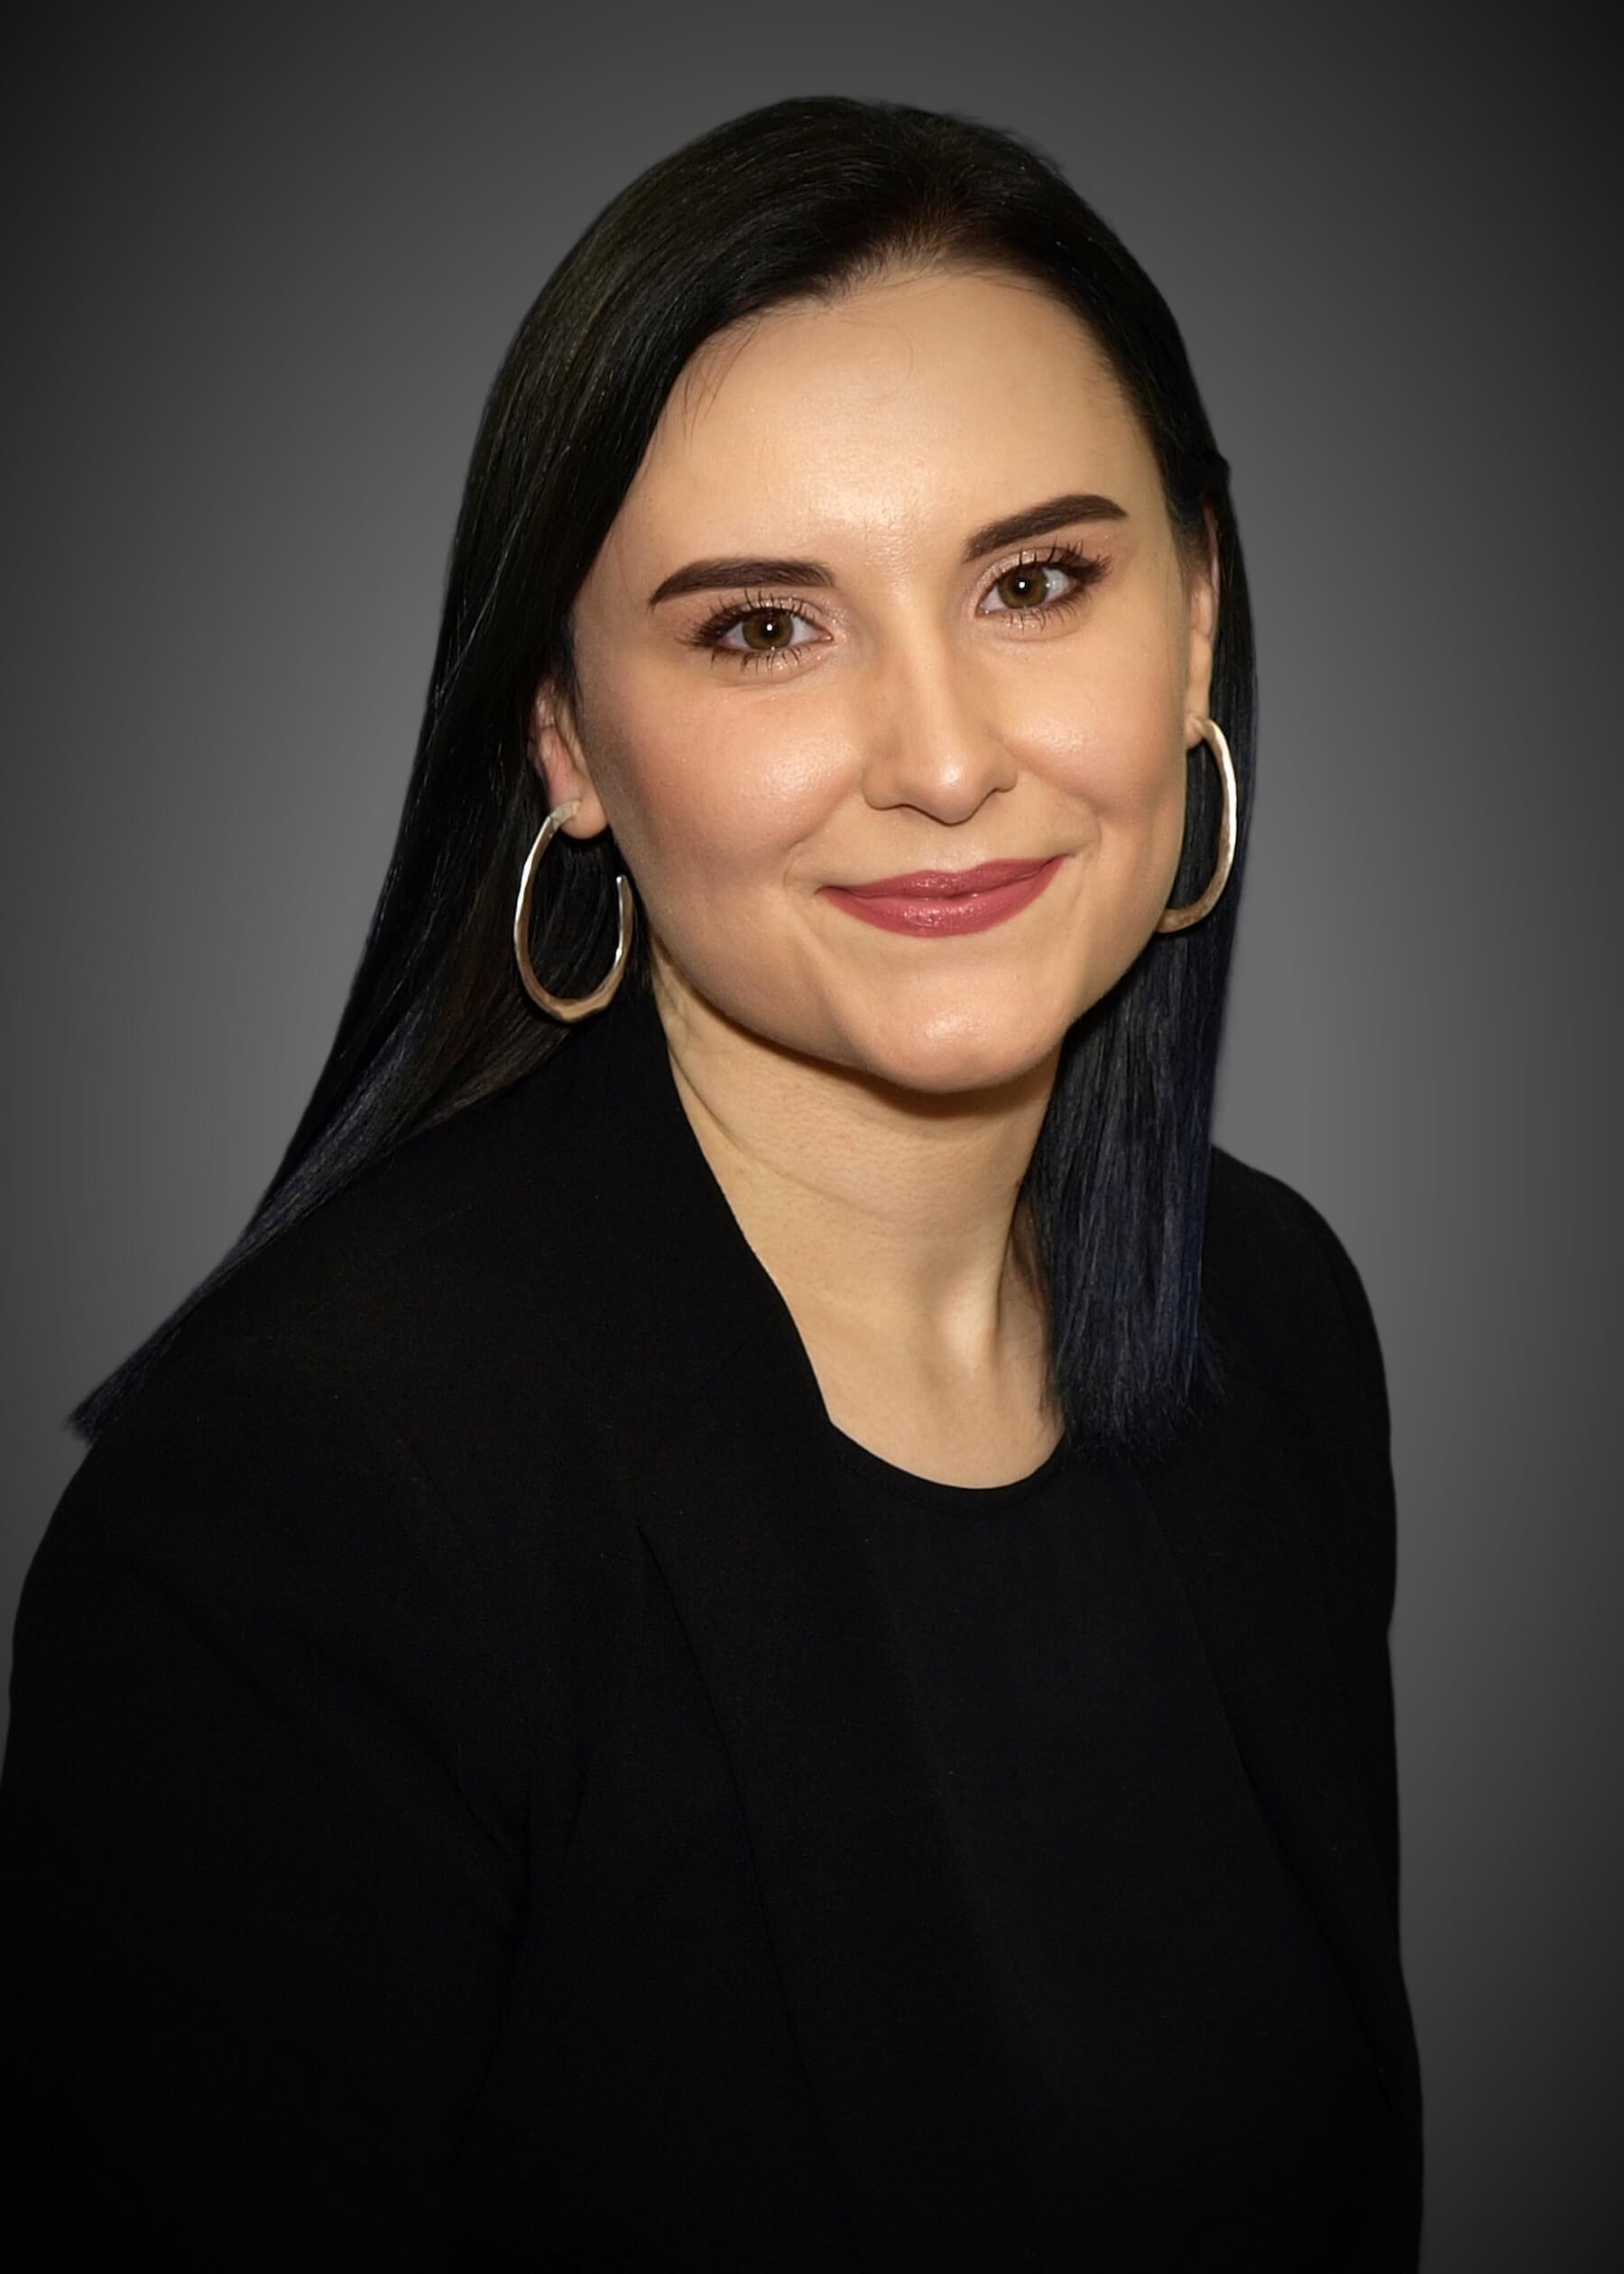 Olga Vakulenko